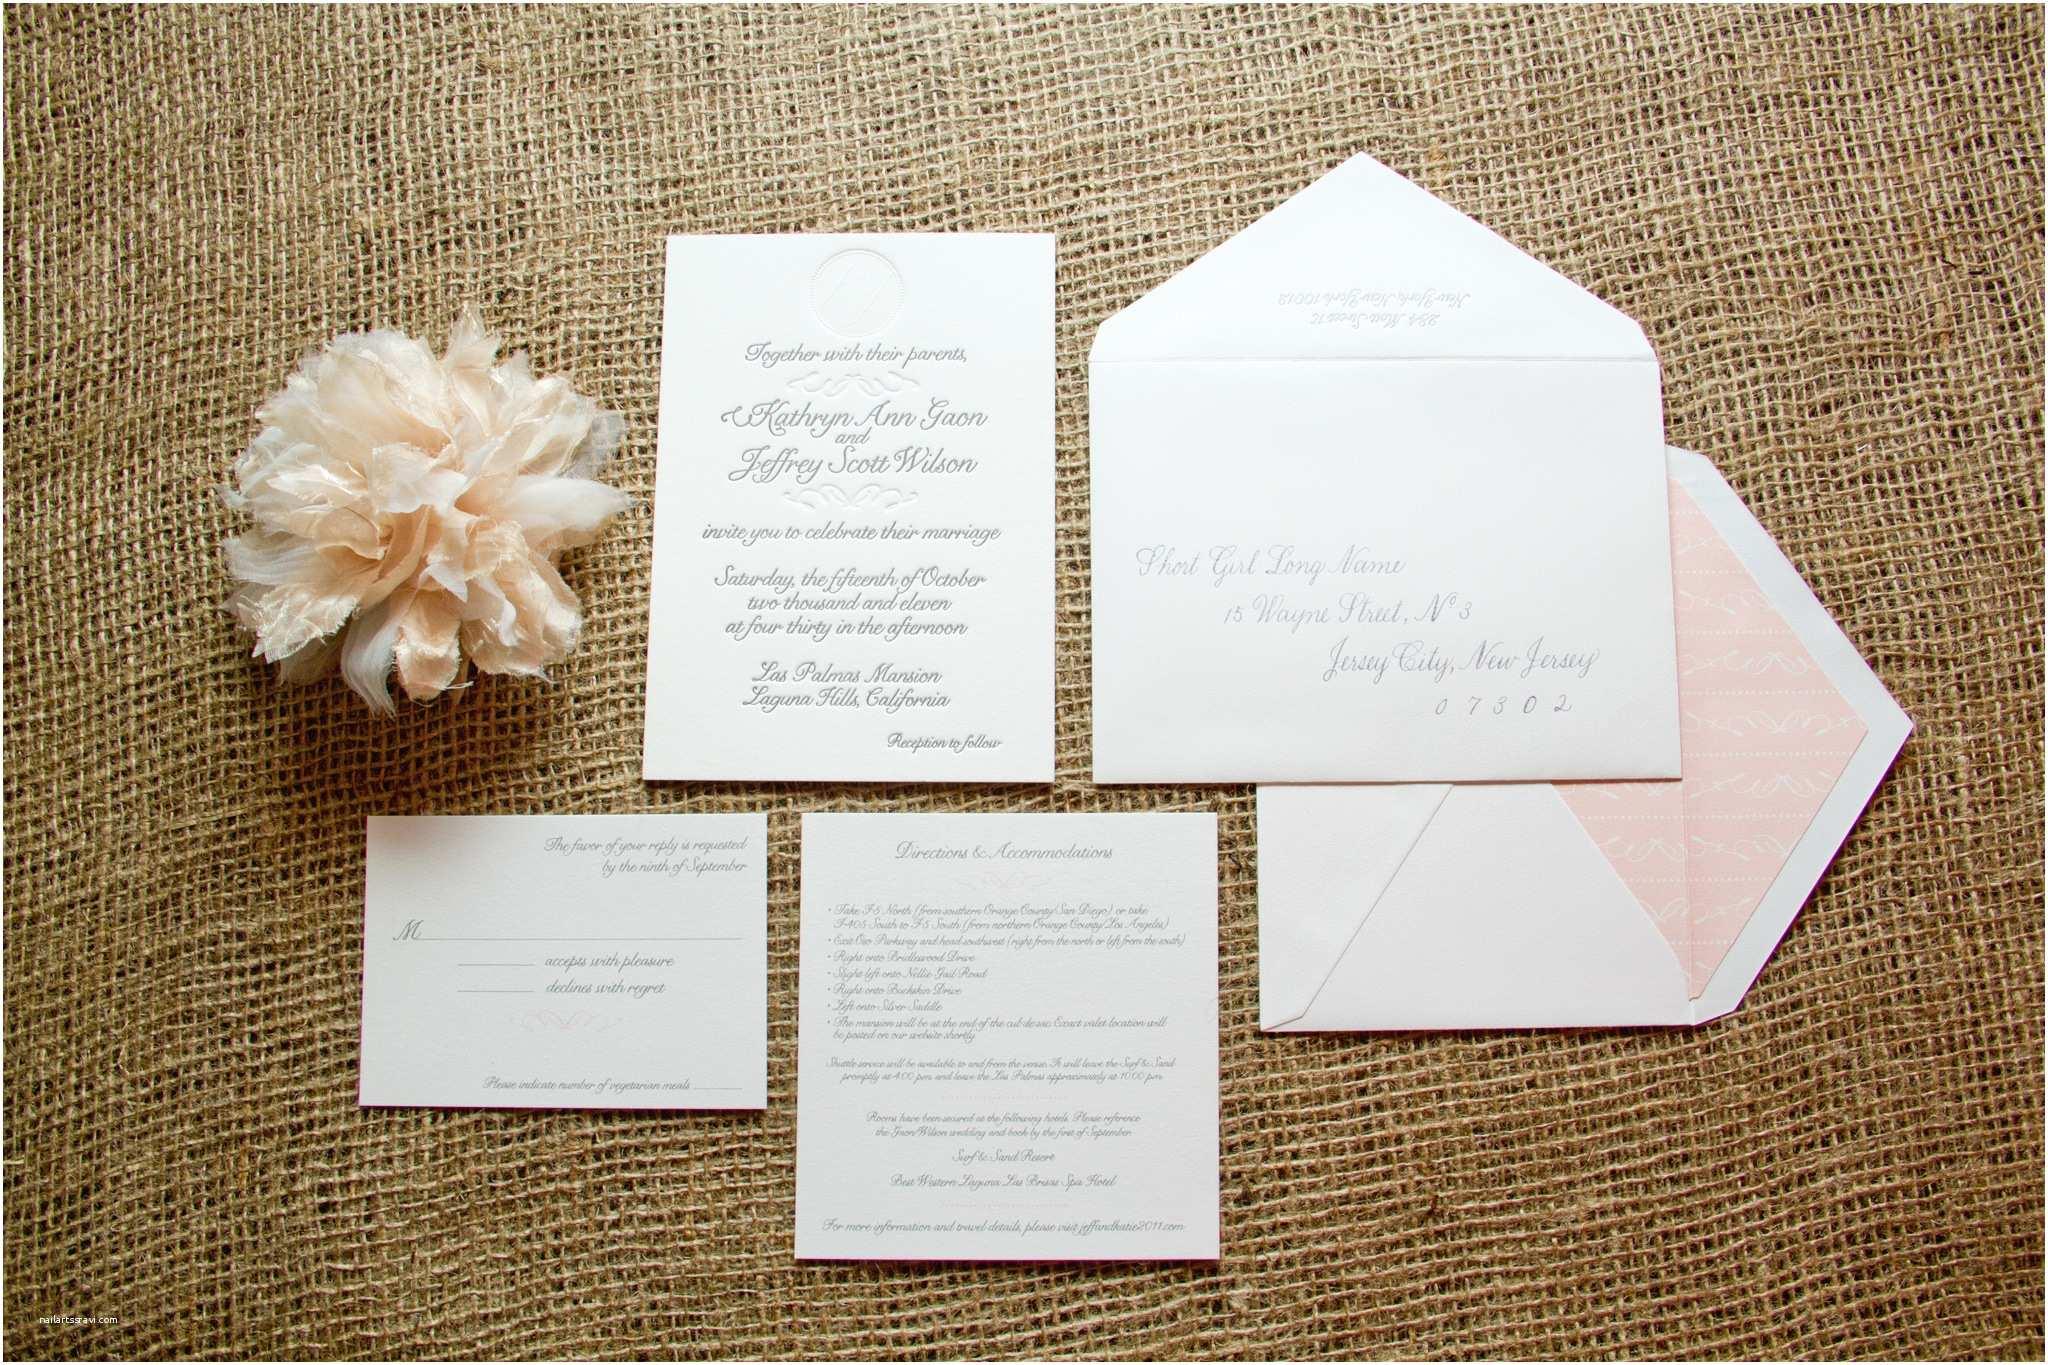 Romantic Wedding Invitations Romantic Quotes for Wedding Invitations Quotesgram